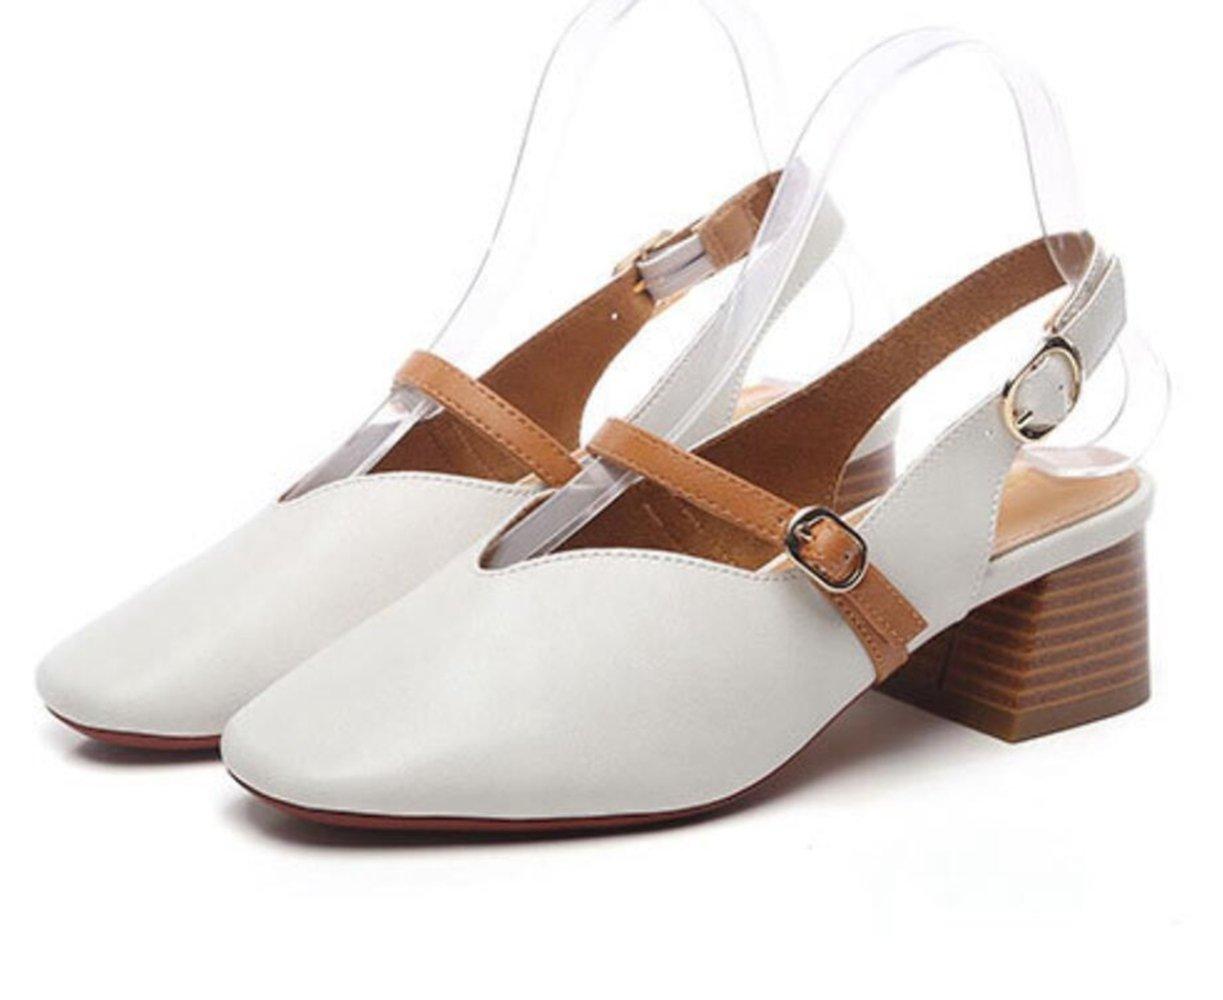 LINYI 16224 Femmes Dames 2018 Nouvelles Casual Sandales Tête Carrée Casual LINYI Mary Jane Chaussures De Mode Beige 16da5f2 - reprogrammed.space